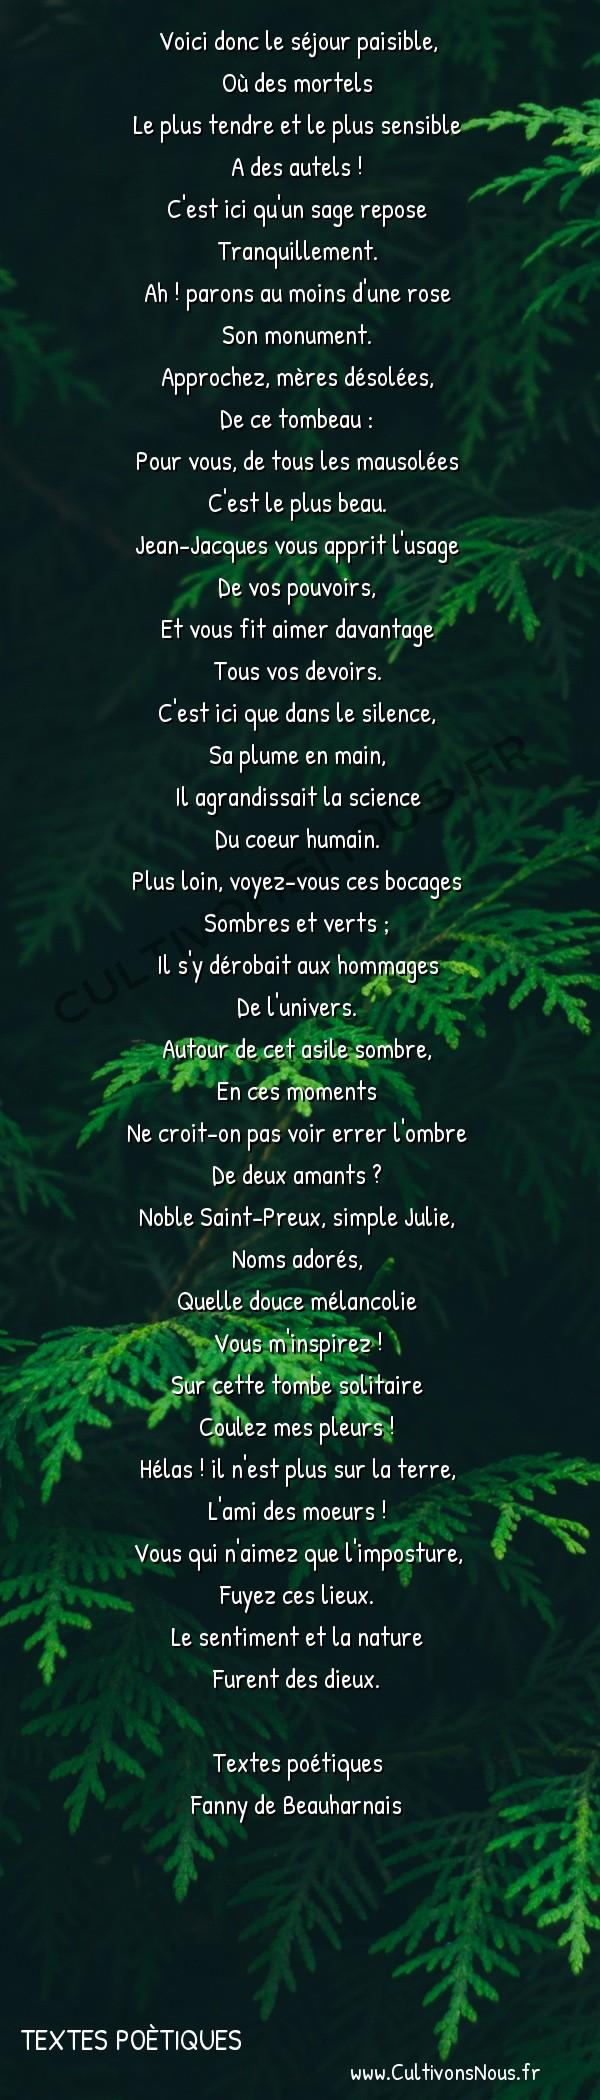 Poésie Fanny de Beauharnais - Textes poètiques - Romance faite à Ermenonville -  Voici donc le séjour paisible, Où des mortels